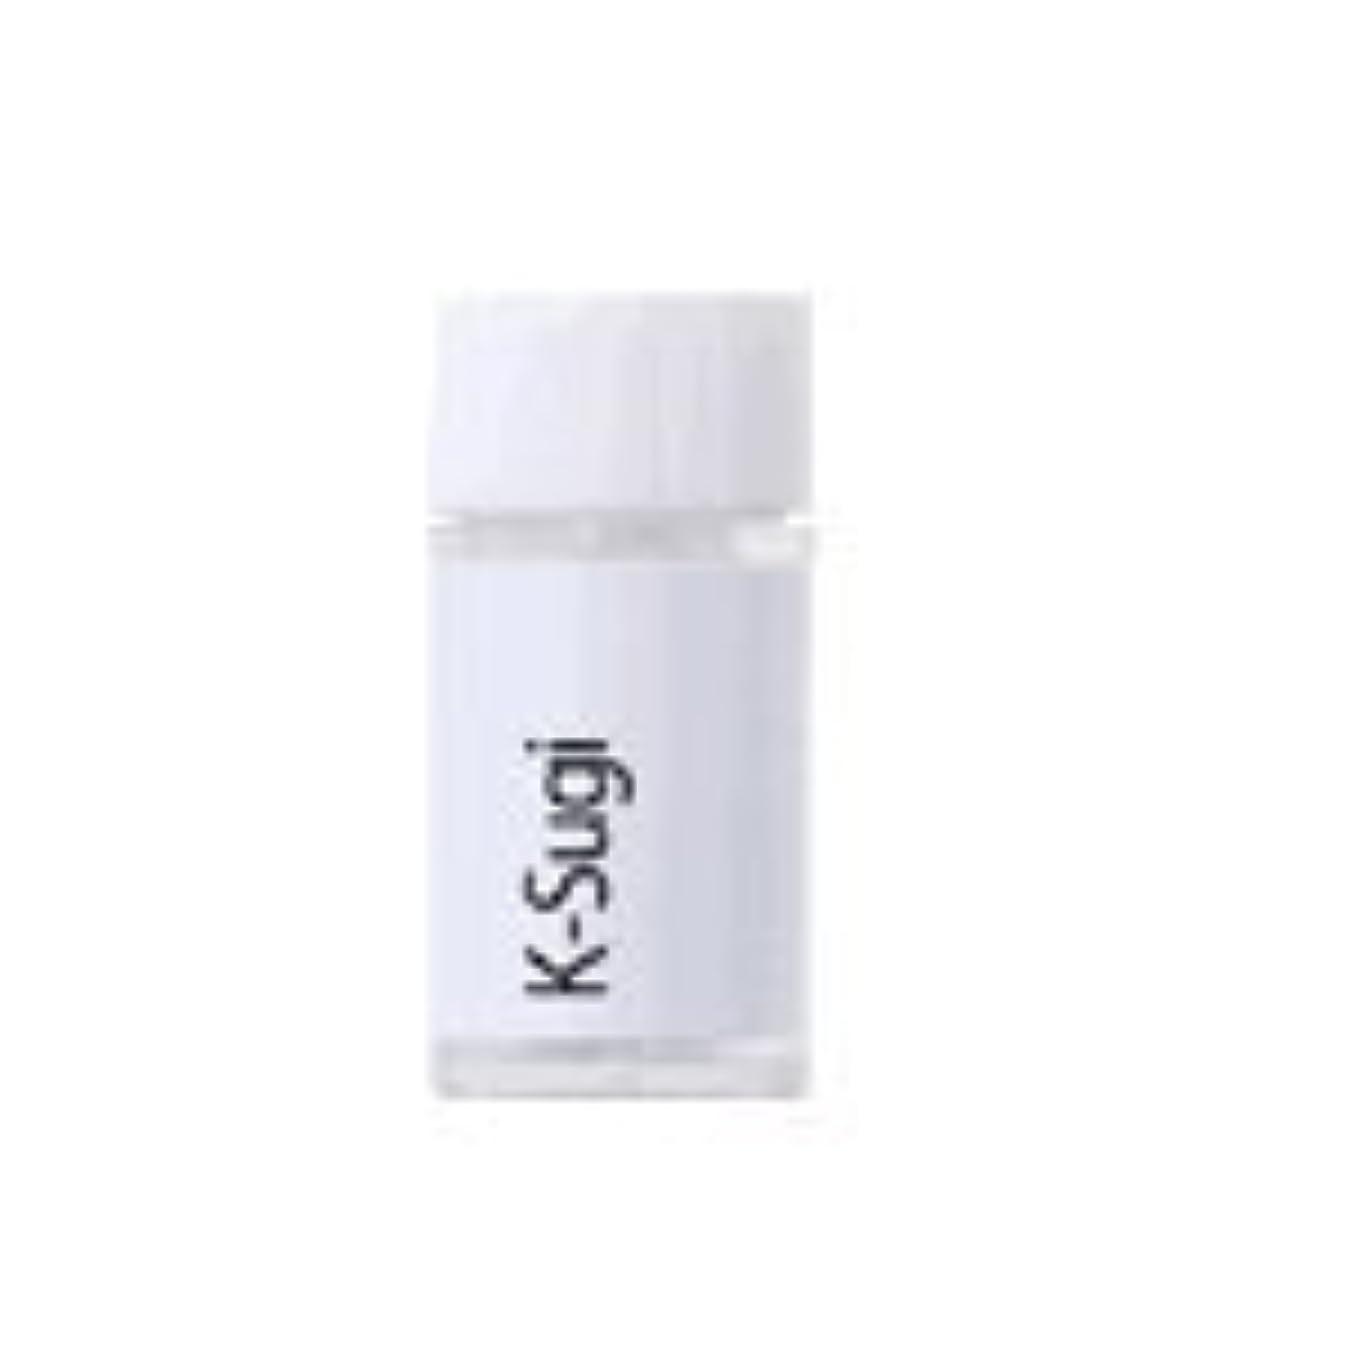 常習的レインコートふけるKシリーズ レメディー 単品 (小ビン(1.5g/約30粒), K-Sugi)